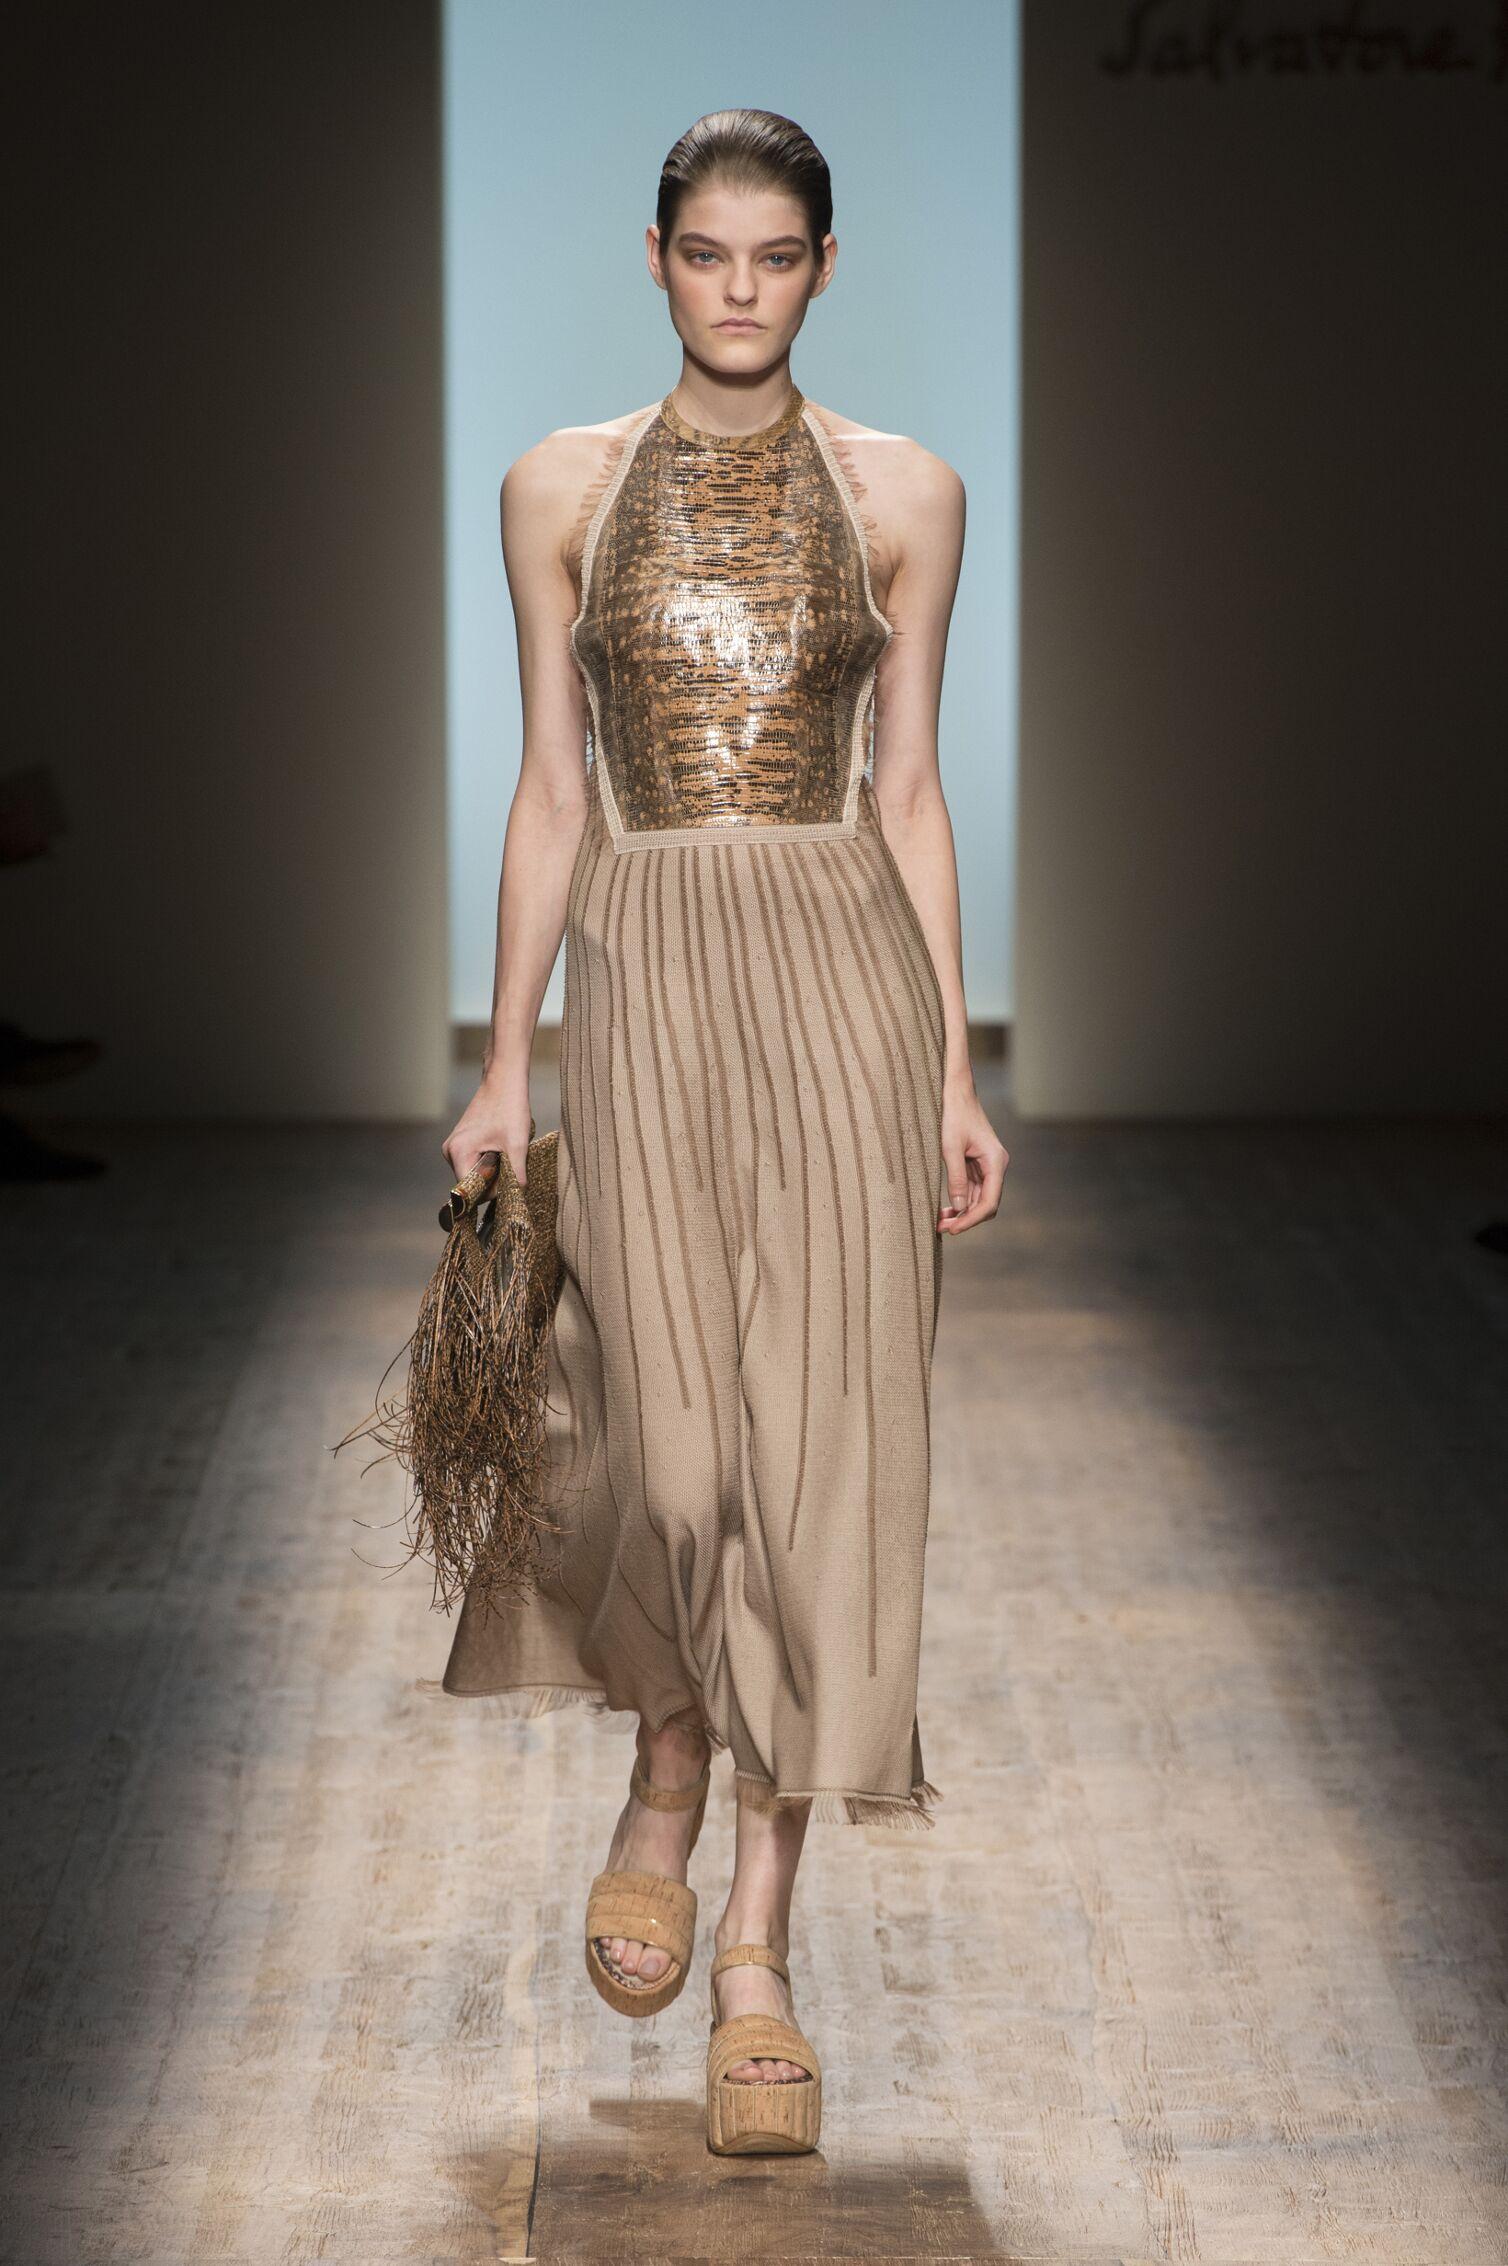 Salvatore Ferragamo SS 2015 Womenswear